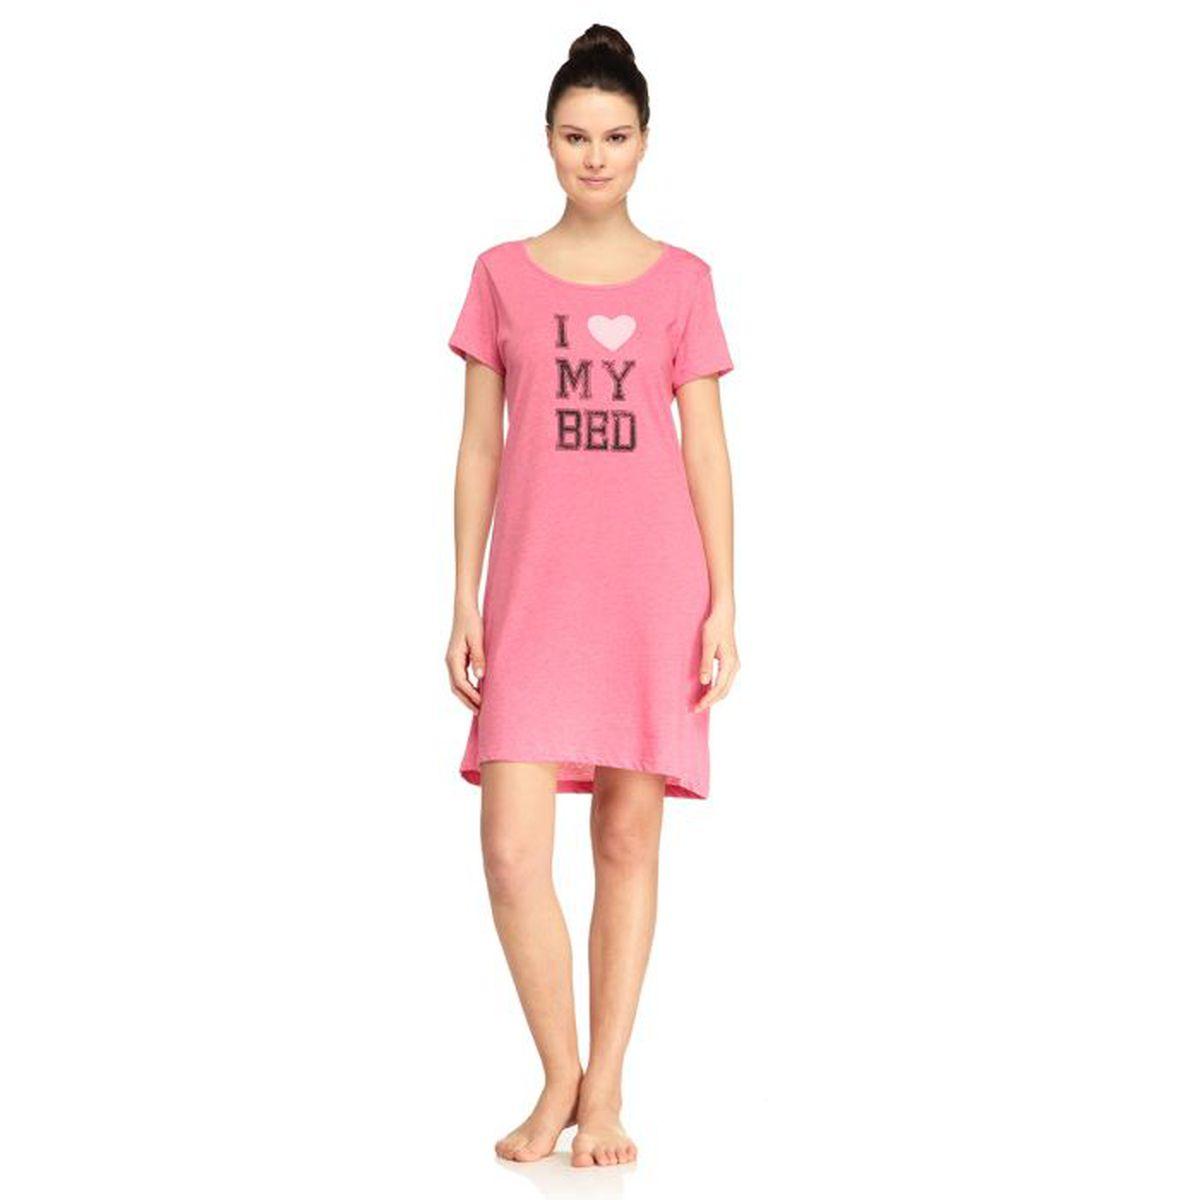 Nuit De Achat Chemise Vente Femme Chiné Pyjama Rouge Bronzini R5Ewq